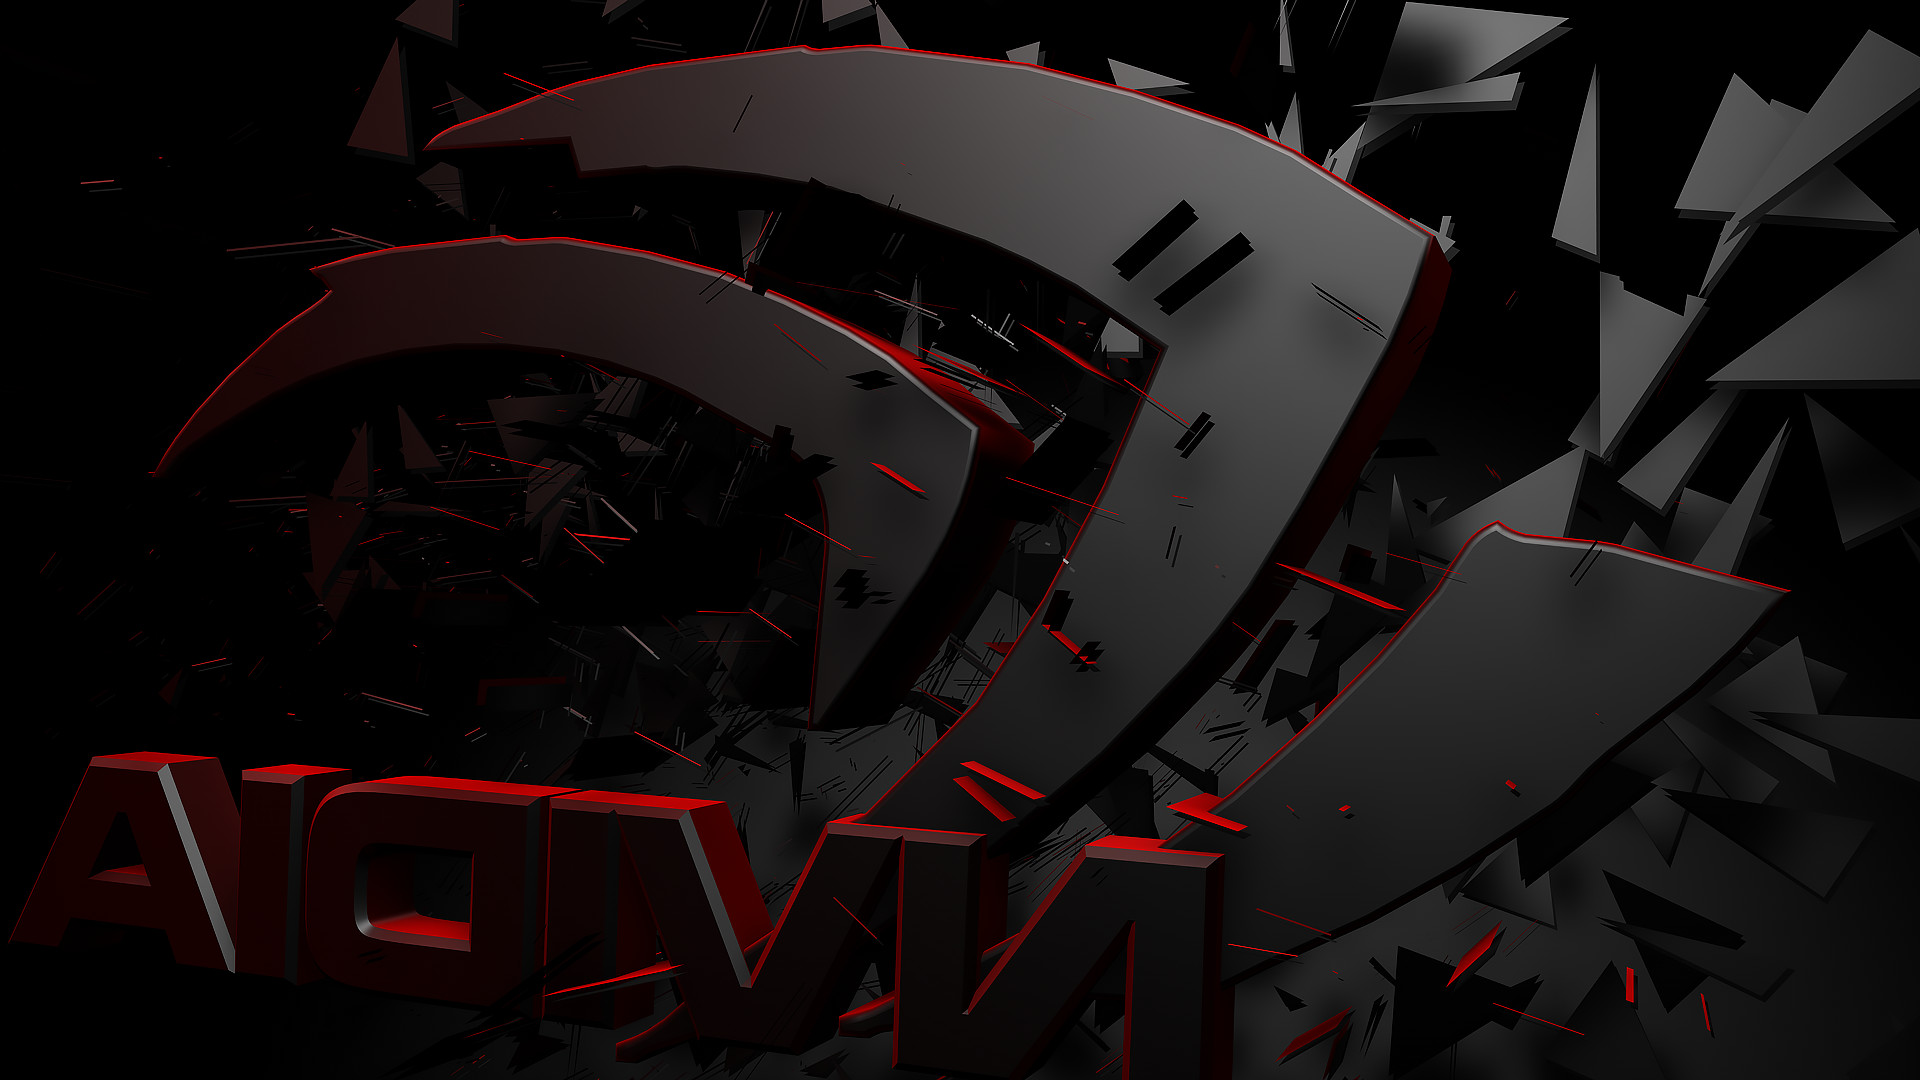 Nvidia wallpaper 3840x2160 74 images - 1920x1080 wallpaper nvidia ...